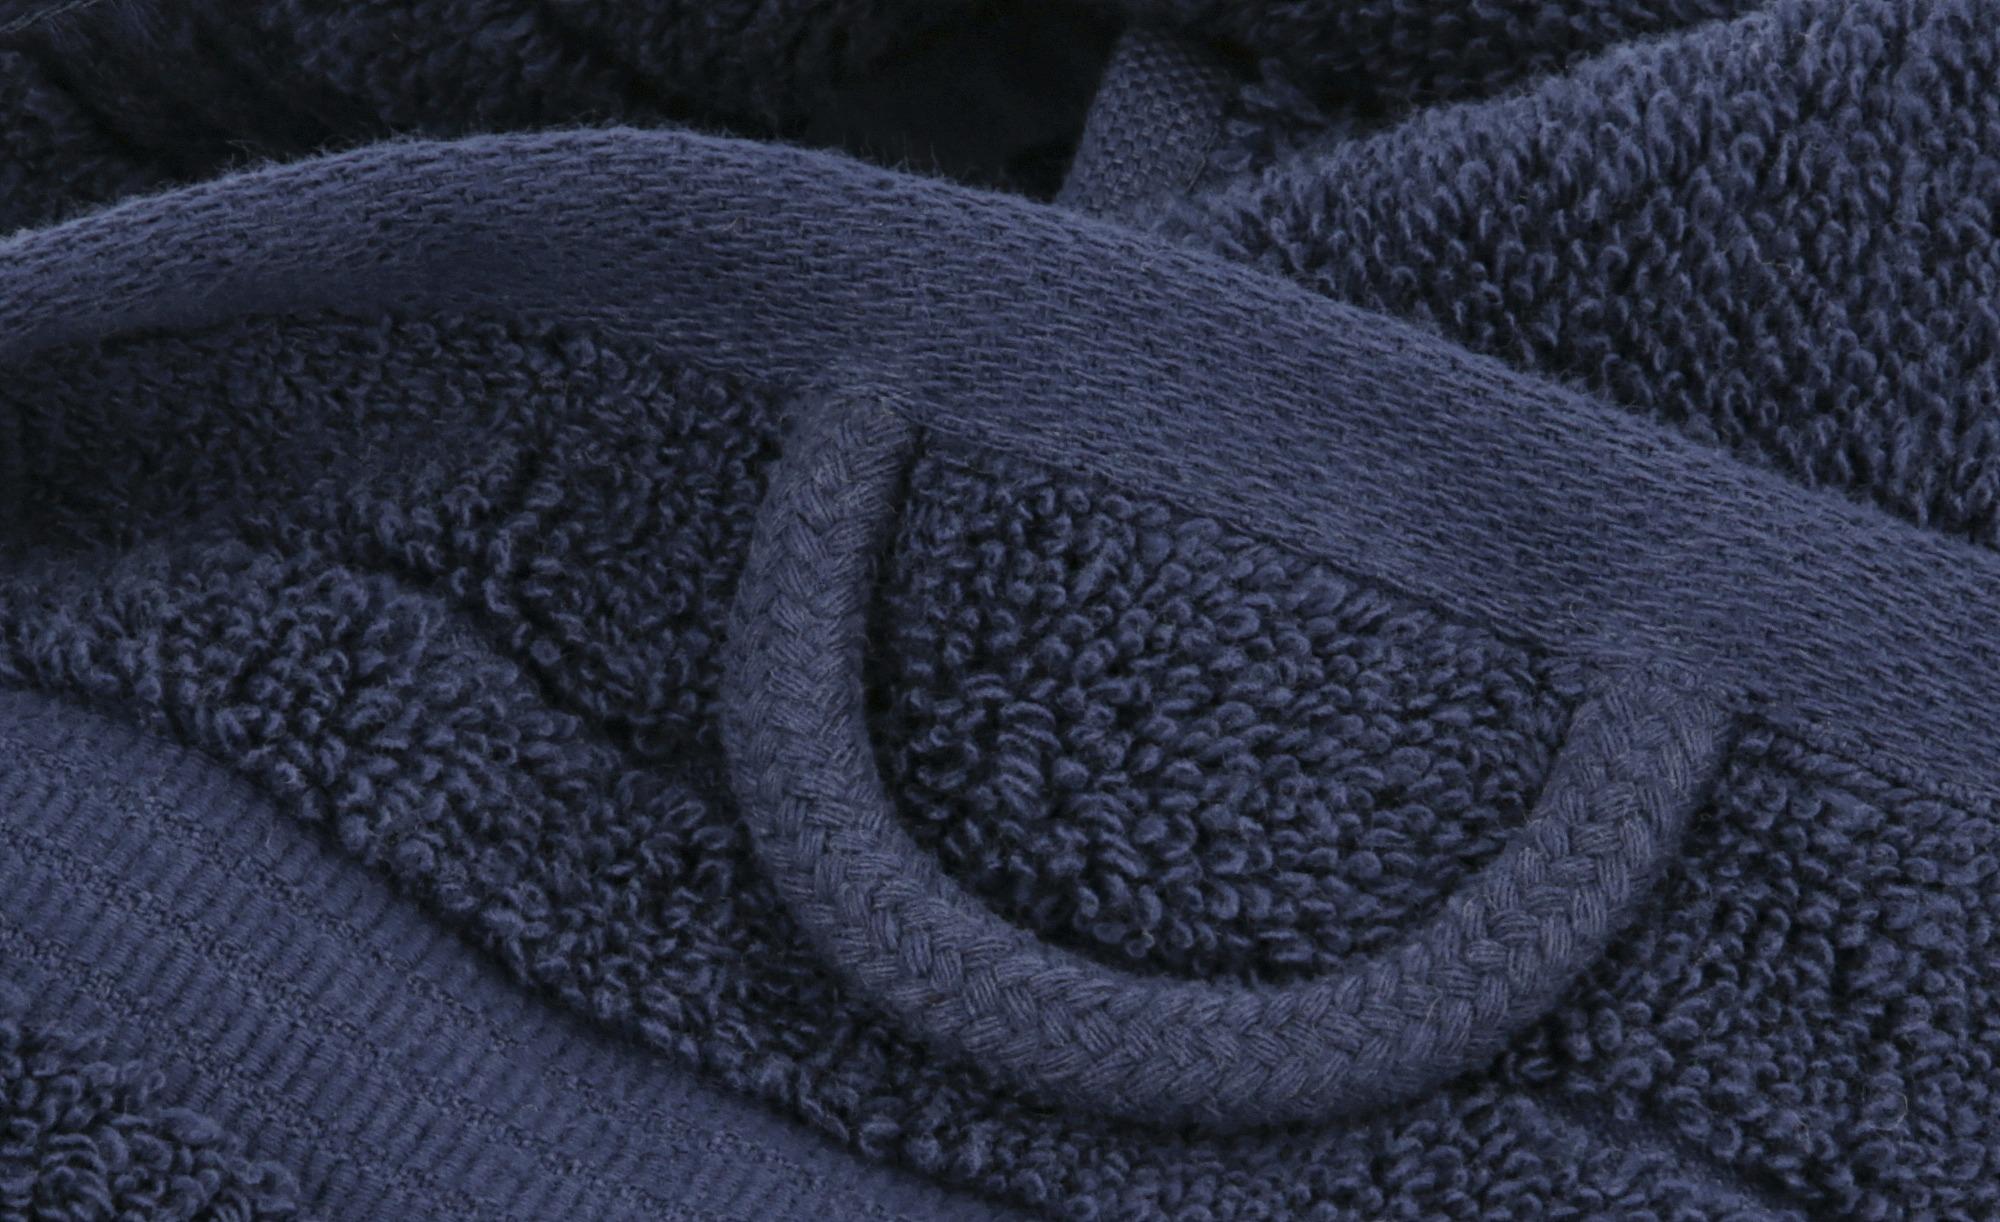 VOSSEN Badetuch  Soft Dreams ¦ blau ¦ 100% Baumwolle ¦ Maße (cm): B: 100 Badtextilien und Zubehör > Handtücher & Badetücher > Badetücher & Saunatücher - Höffner